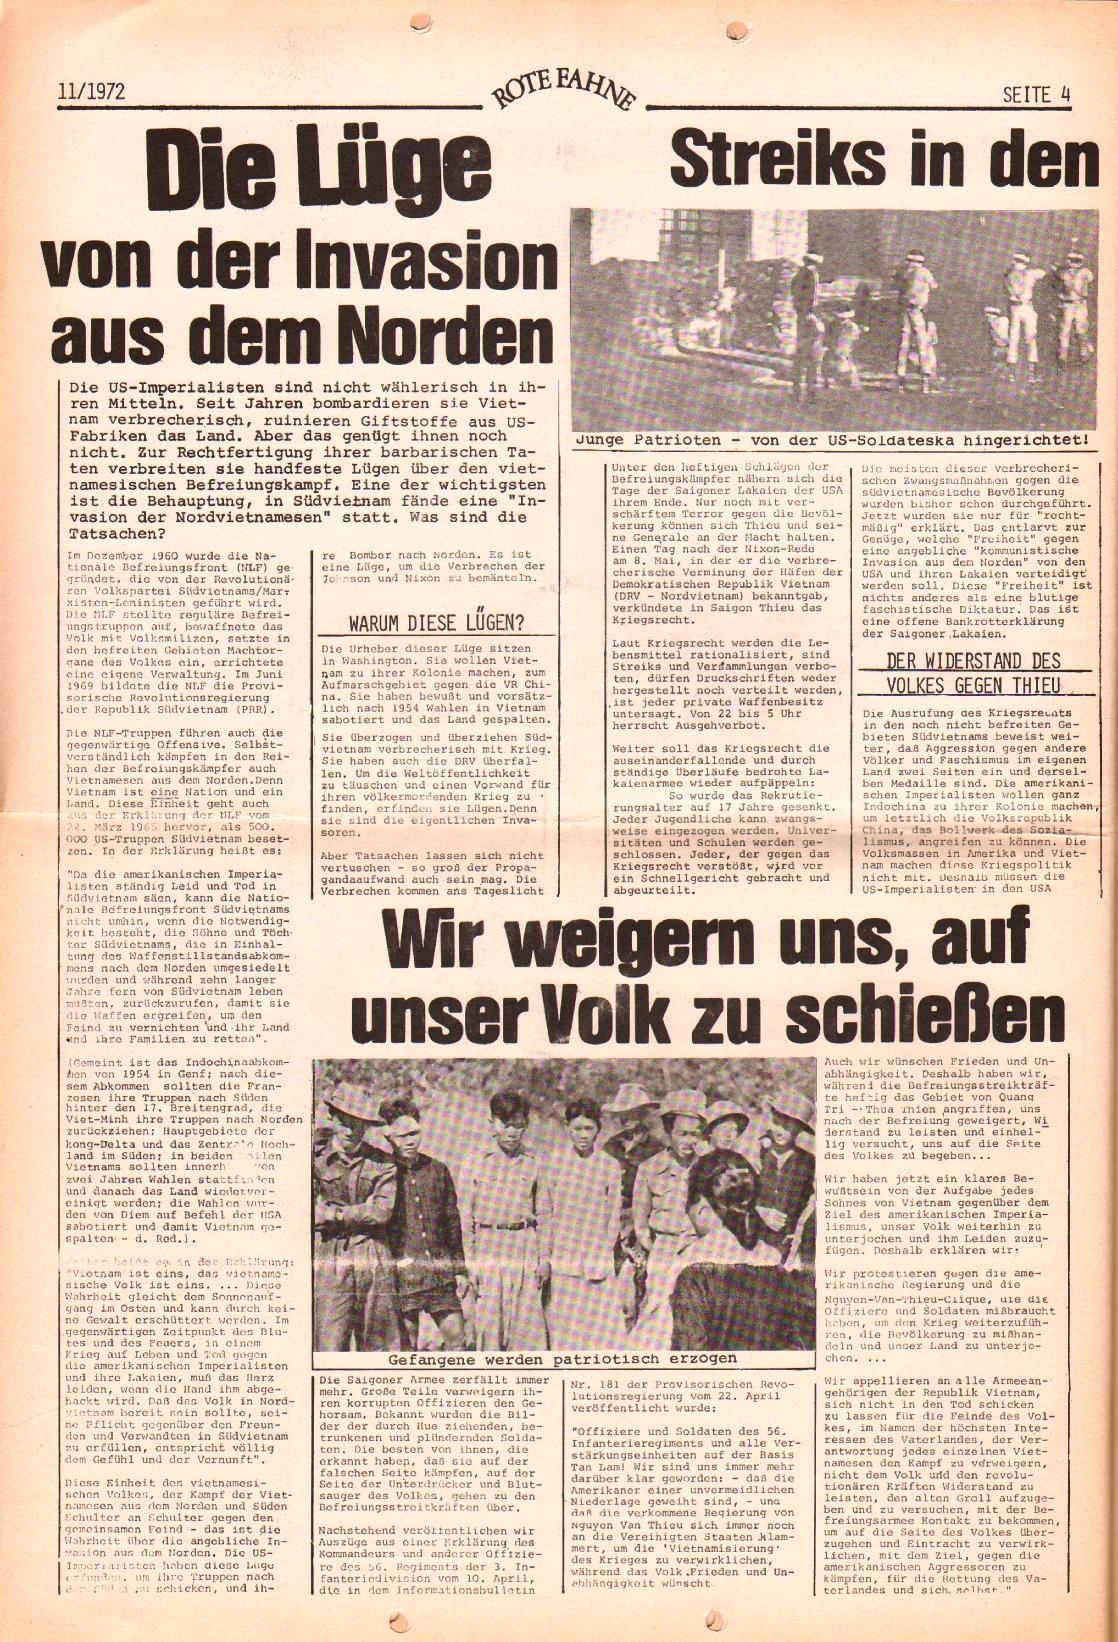 Rote Fahne, 3. Jg., 29.5.1972, Nr. 11, Seite 4